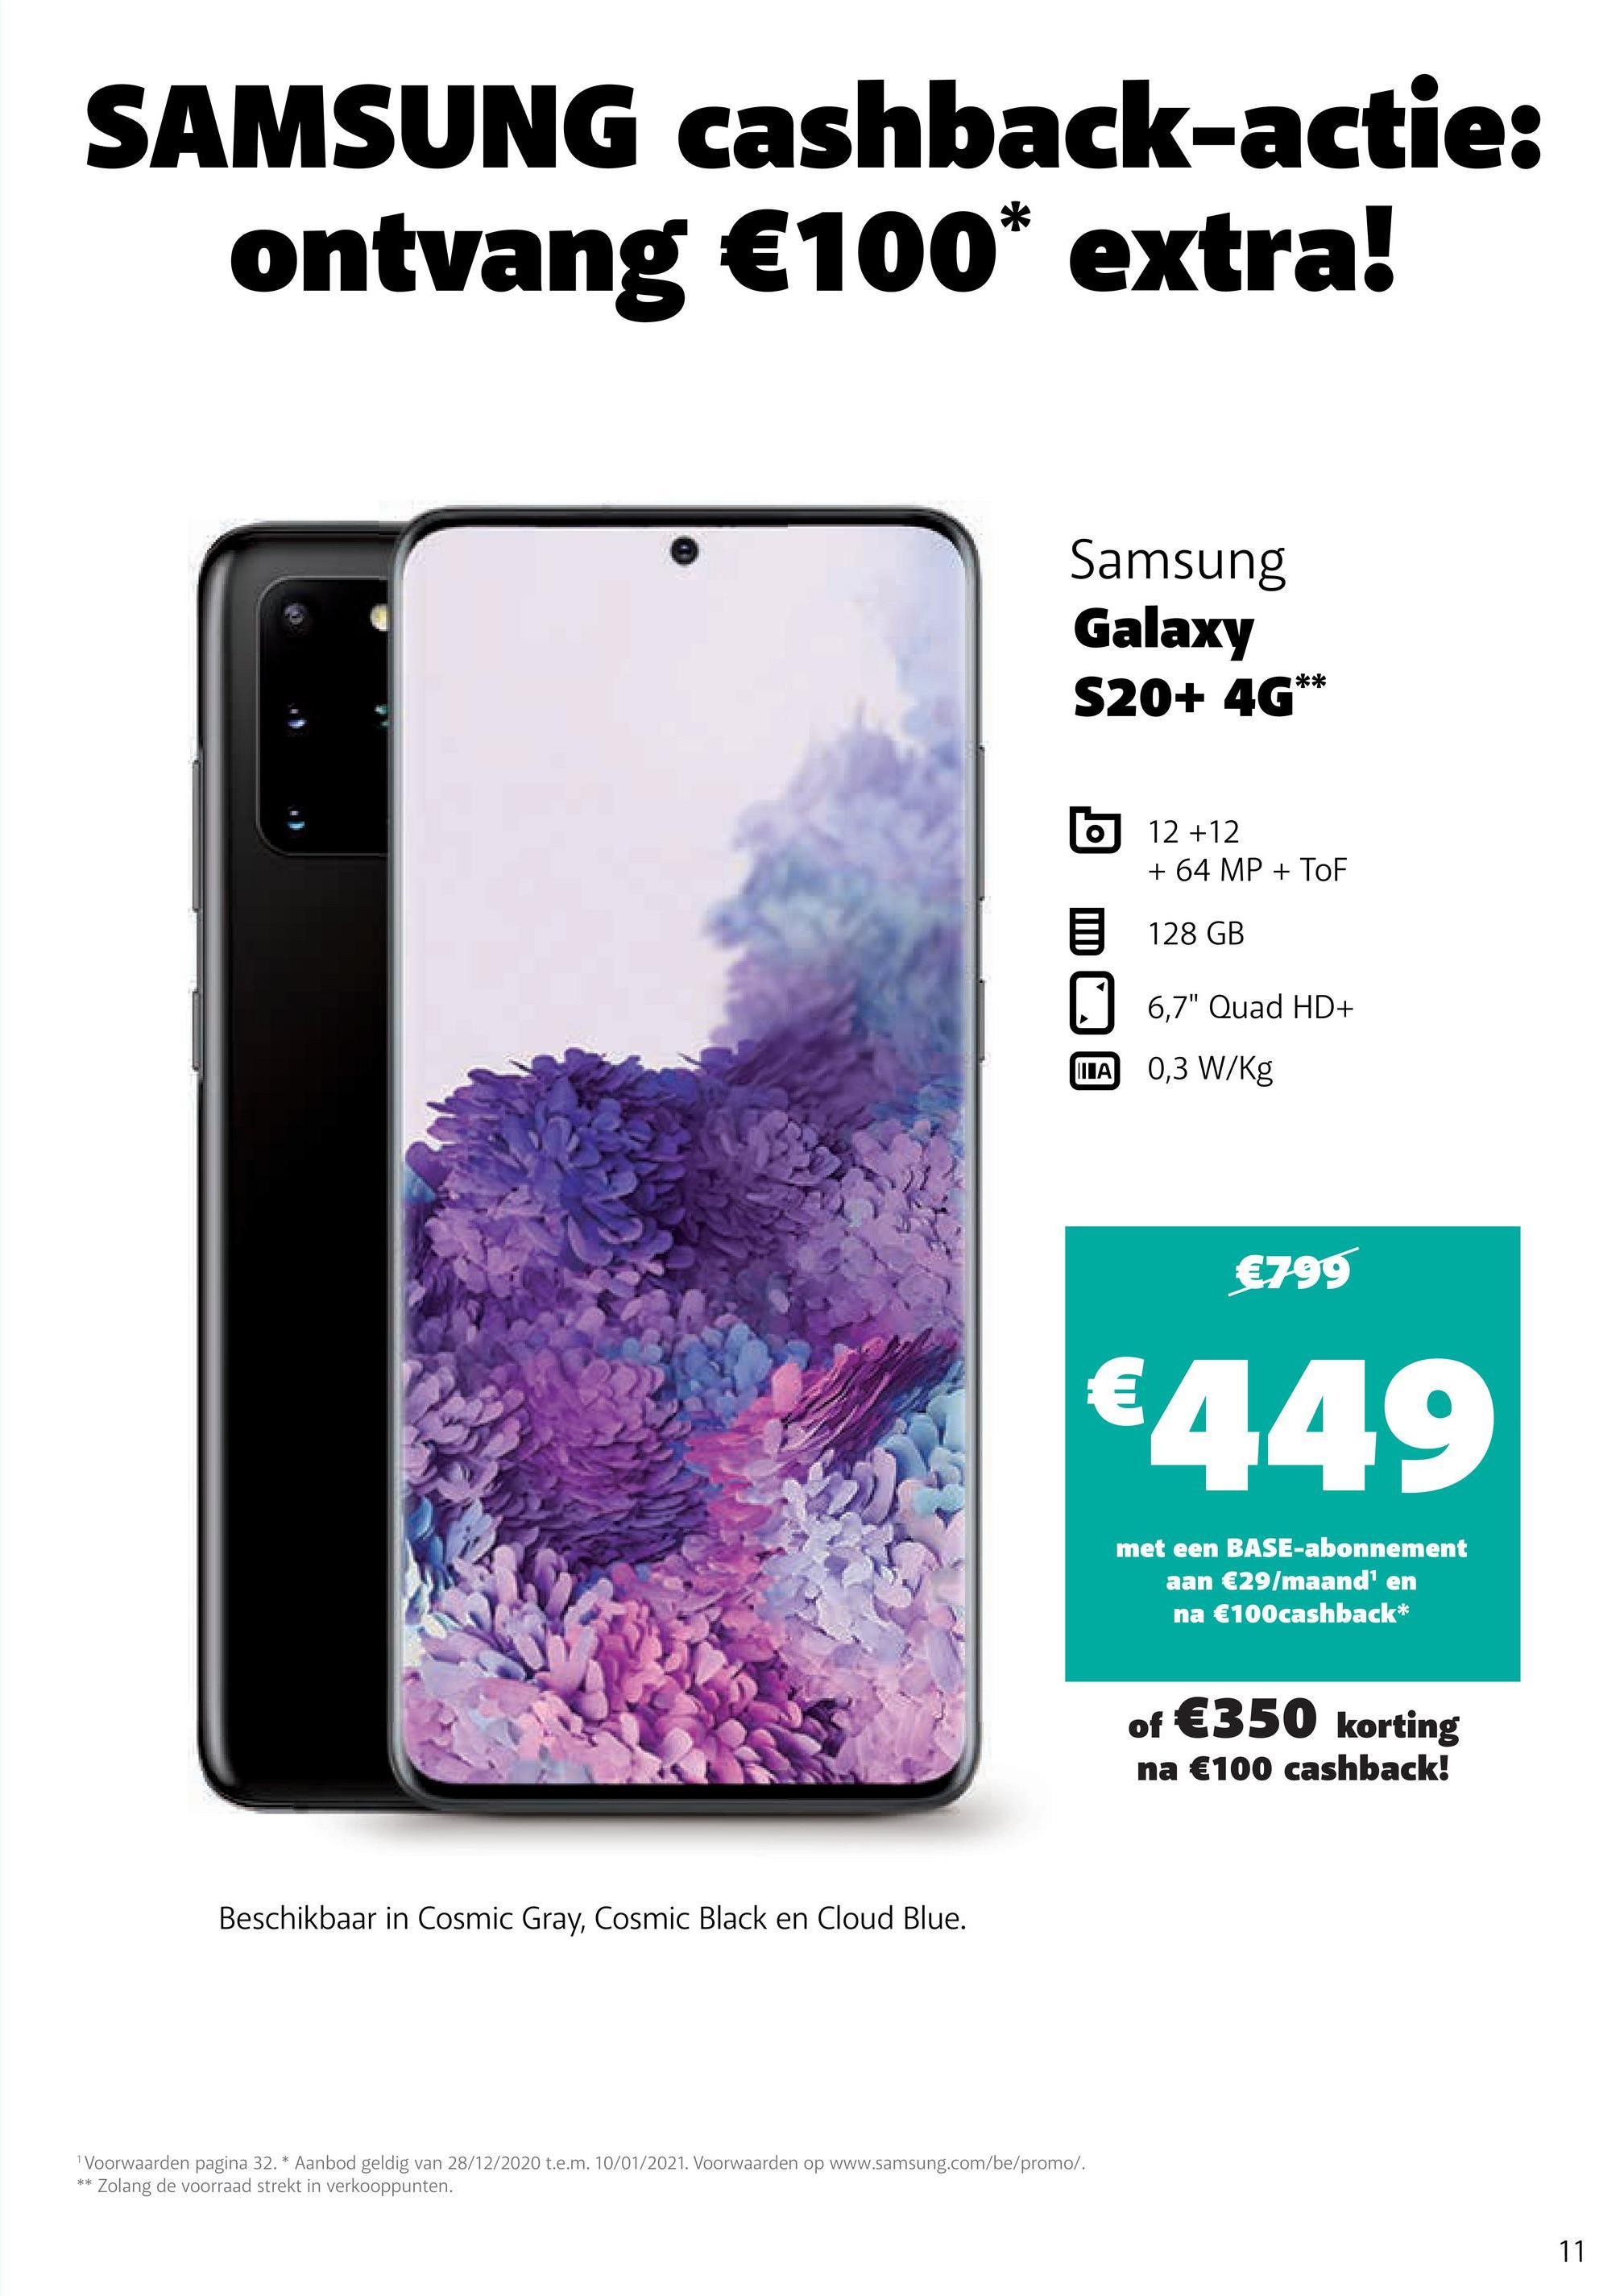 """SAMSUNG cashback-actie: ontvang €100* extra! Samsung Galaxy S20+ 4G** b 12 +12 + 64 MP + TOF 128 GB 6,7"""" Quad HD+ ILA 0,3 W/kg €799 €449 met een BASE-abonnement aan €29/maand' en na €100 cashback* of €350 korting na €100 cashback! Beschikbaar in Cosmic Gray, Cosmic Black en Cloud Blue. Voorwaarden pagina 32. * Aanbod geldig van 28/12/2020 t.e.m. 10/01/2021. Voorwaarden op www.samsung.com/be/promo/. Zolang de voorraad strekt in verkooppunten. ** 11"""